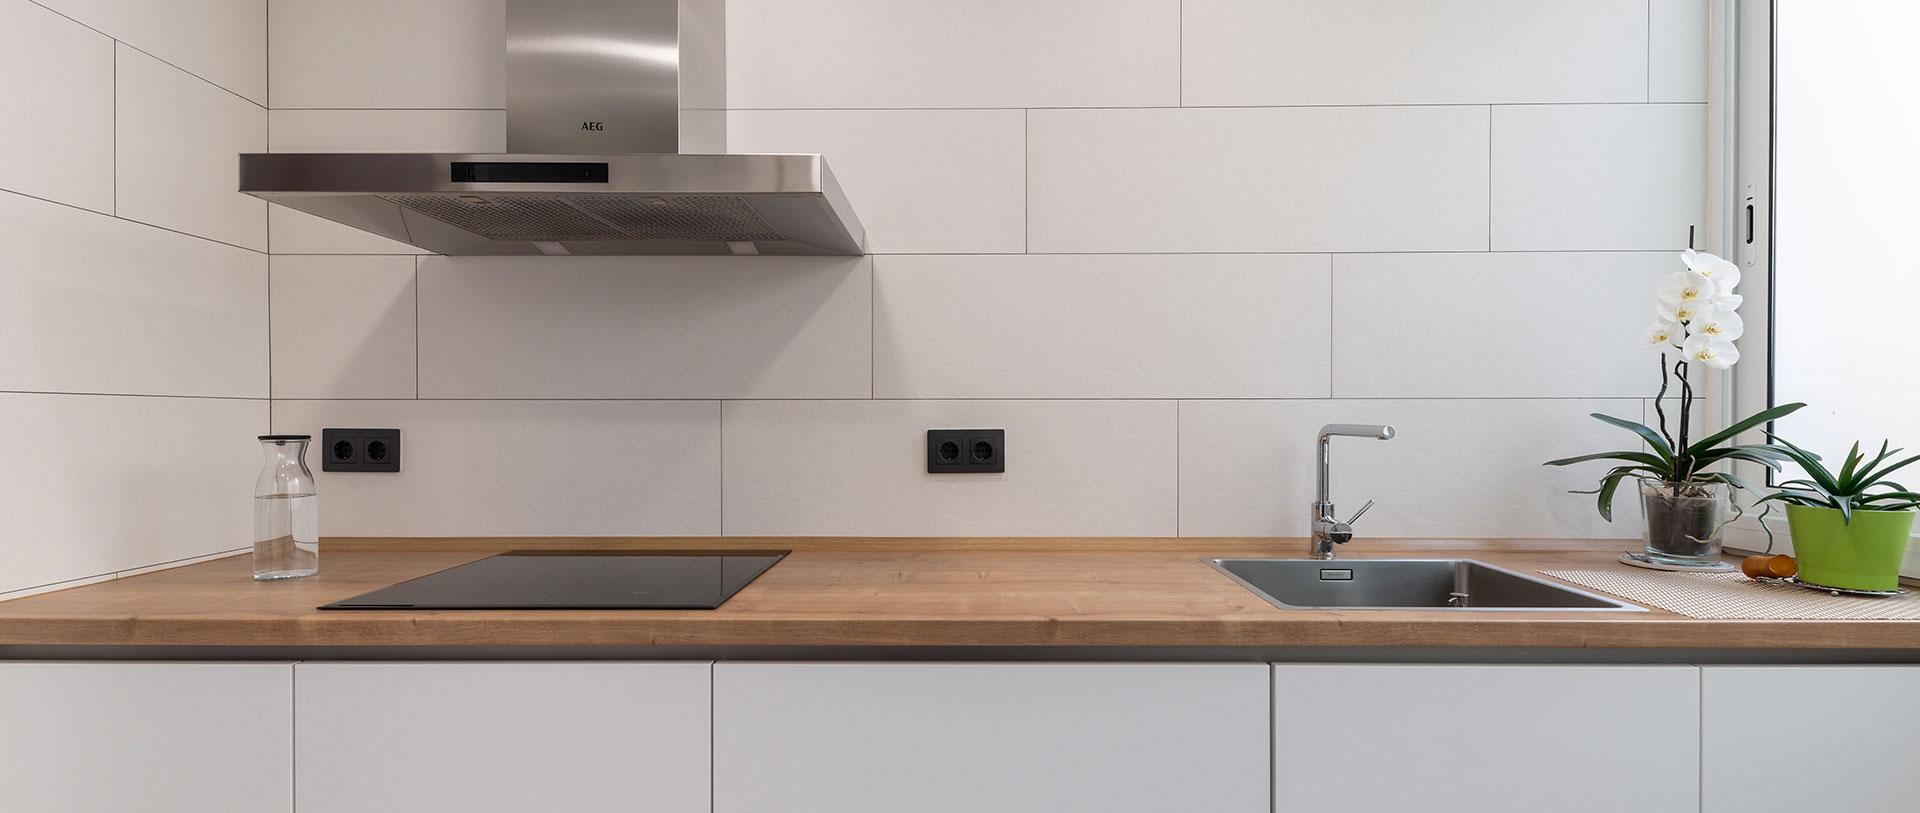 Reforma y diseño de cocina Centro 2, realizado por Dromstudio